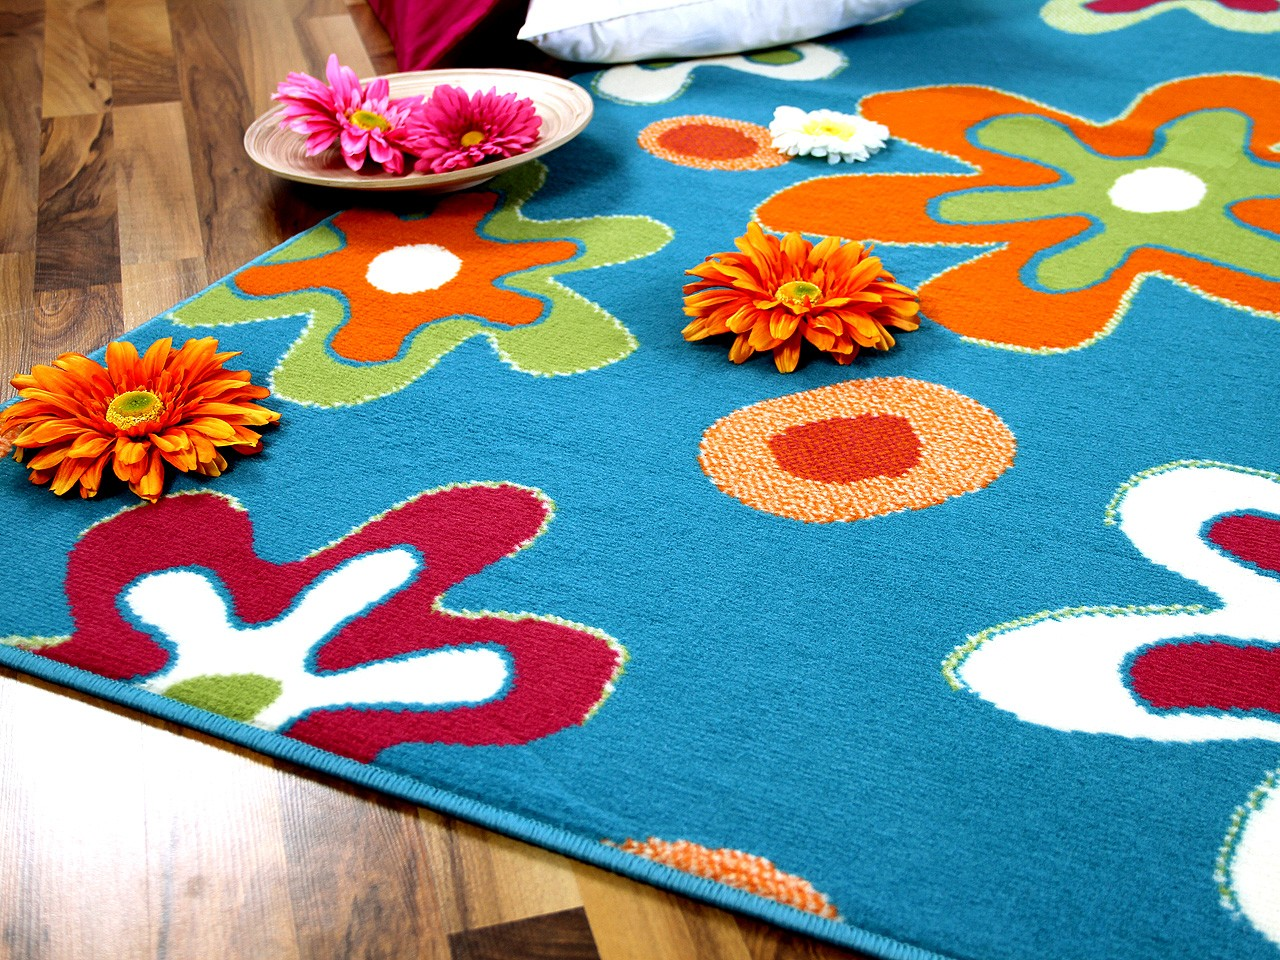 teppich modern trendline blau blumen abverkauf teppiche designerteppiche trendline teppiche. Black Bedroom Furniture Sets. Home Design Ideas